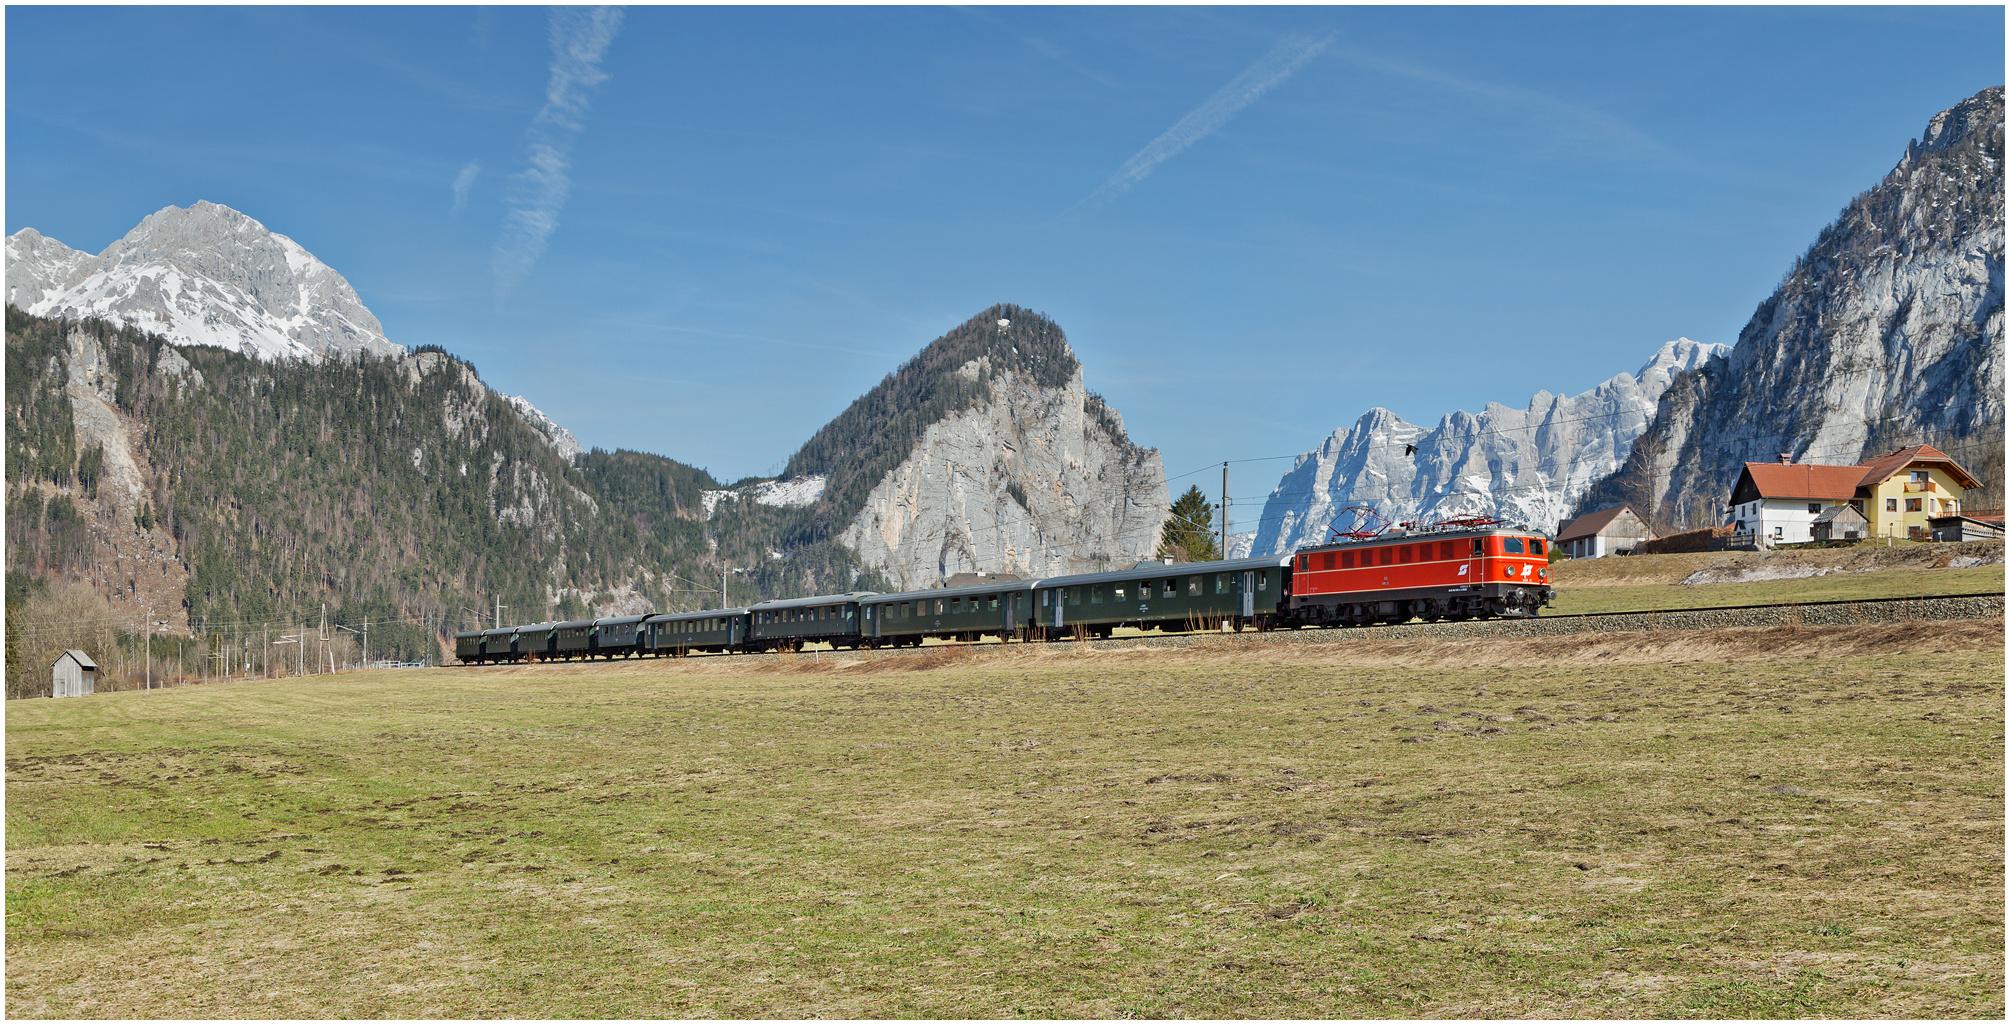 Nostalgie in den Alpen XXIX